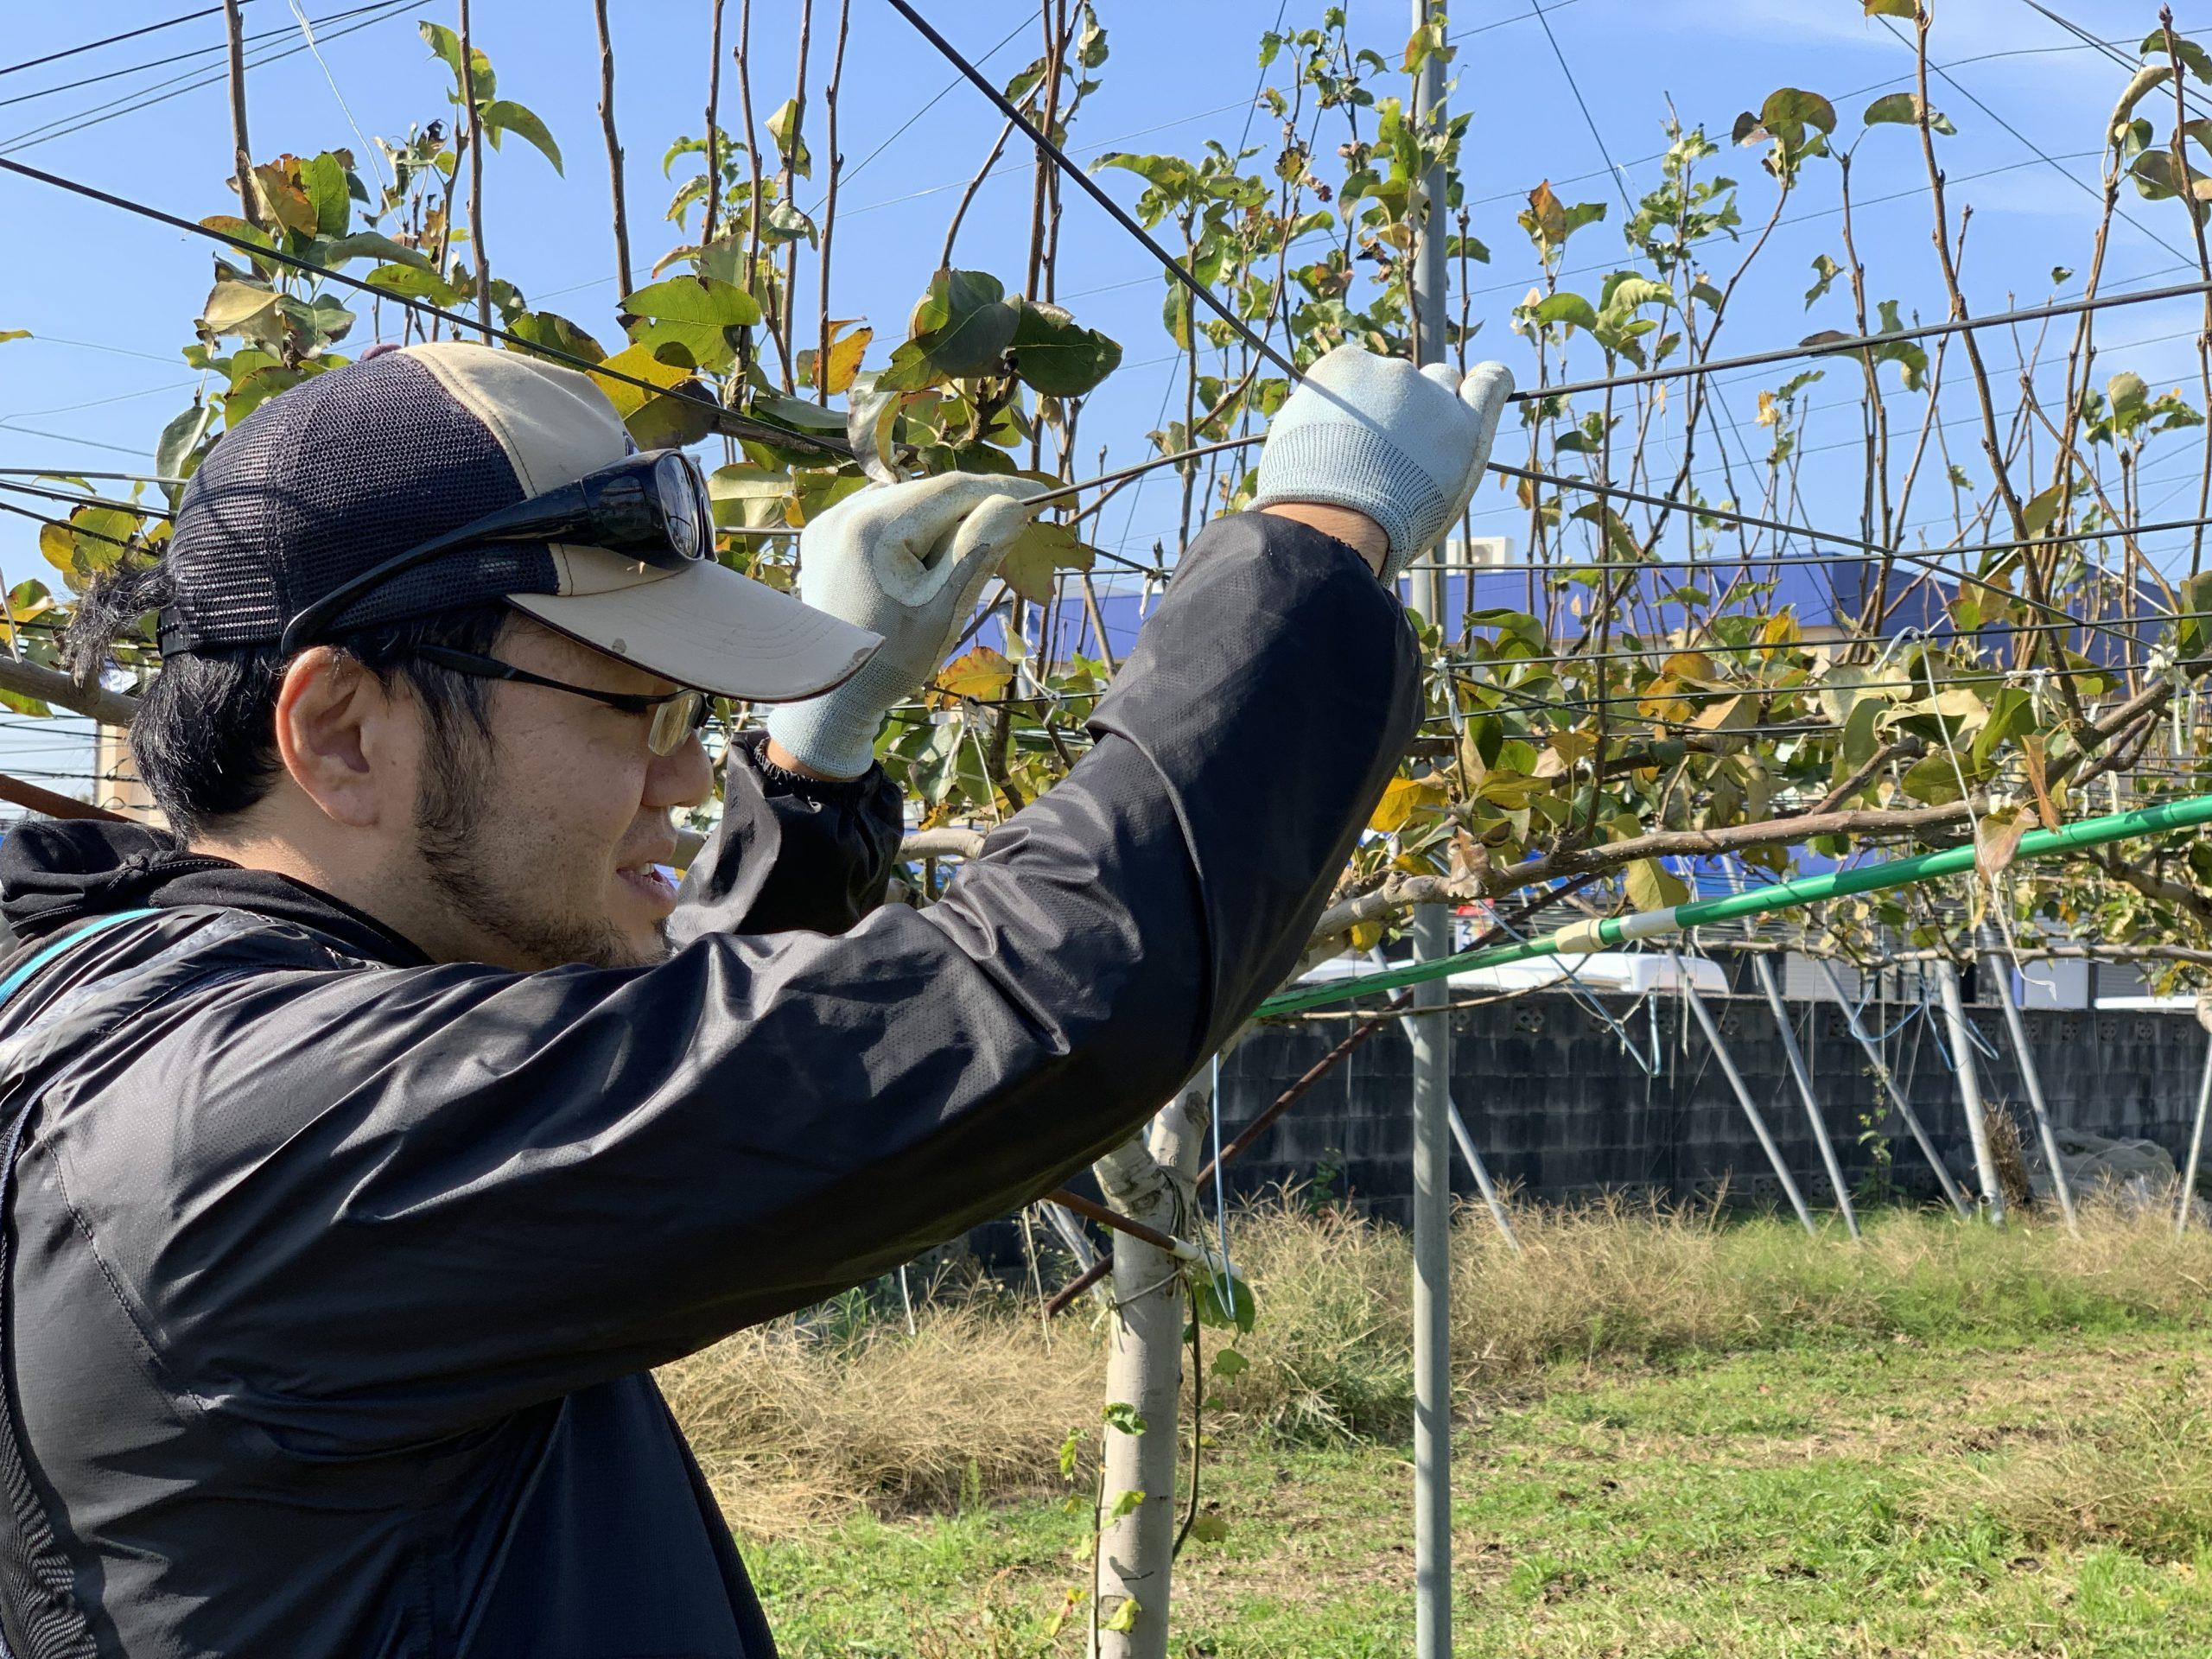 採る高さに合わせて梨の枝を誘導する